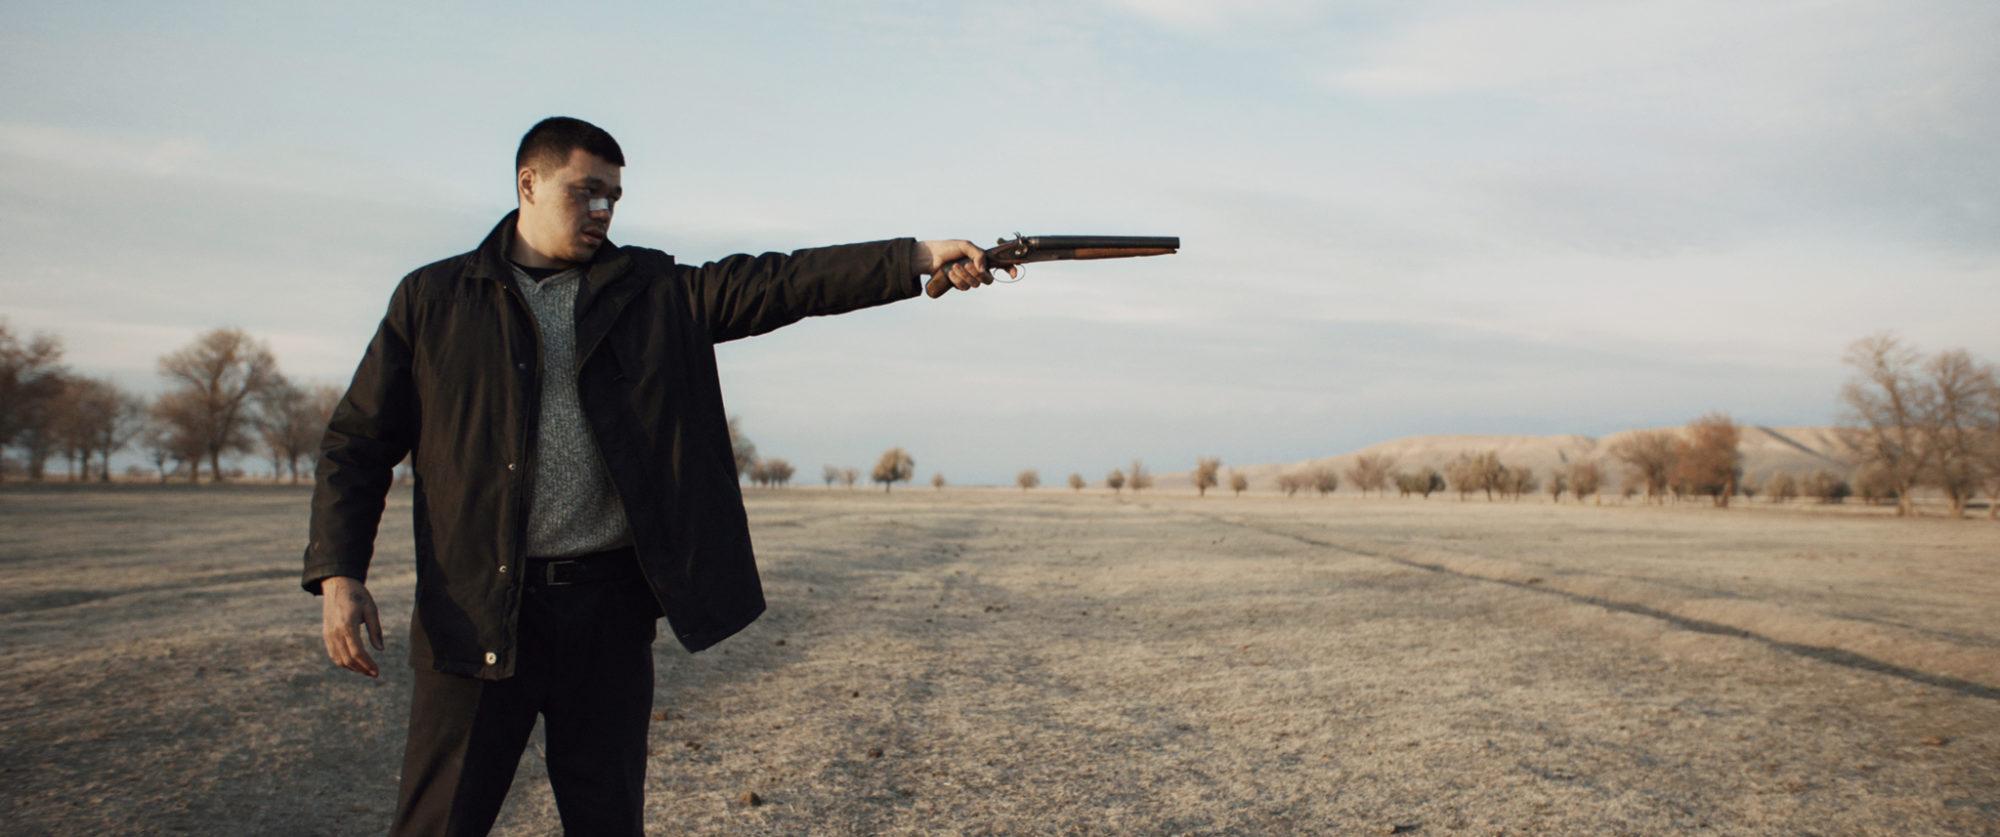 """Scène du film kazakhstanais """"A dark, dark man"""" d'Adilkhan Yerzhanov présenté au Festival ionternational des Cinémas d'Asie à Vesoul. (Source : Arizonafilms)"""